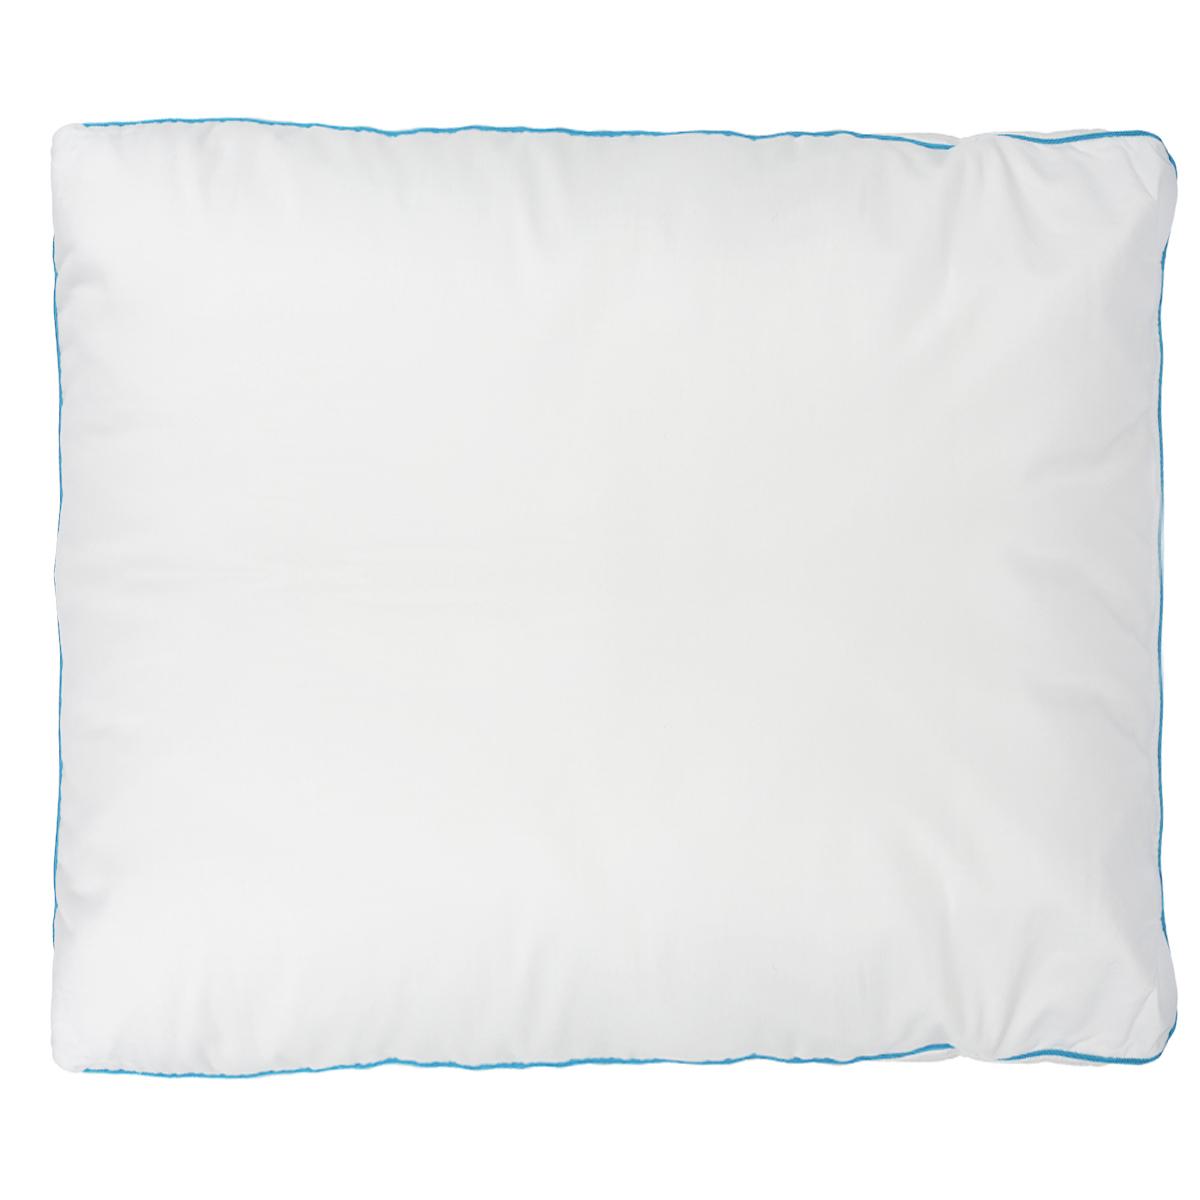 Подушка Dargez Меркурий, наполнитель: полое силиконизированное волокно Эстрелль, цвет: белый, 68 х 68 см03(12)251Подушка Dargez Меркурий подарит комфорт и уют во время сна. Чехол выполнен из инновационного полотна Outlast®. Наполнитель представляет собой шарики из полого силиконизированного волокна Эстрелль. Основные свойства волокна: - хорошая терморегуляция, - свободная циркуляция воздуха, - быстрое восстановление формы, - благоприятный климат во время сна, - мягкость и упругость, - удобство в эксплуатации и легкость стирки. Технология Outlast® обеспечит прекрасное самочувствие: постельные принадлежности принимают на себя тепло вашего тела, если тело слишком нагревается, и отдают тепло обратно, когда вам это необходимо. Постельные принадлежности Outlast® образуют буфер для микроклимата на вашей коже и таким образом защищают тело от перегрева и потообразования. Кроме того, компенсируется различное восприятие тепла и холода партнерами. Благодаря этому вы лучше засыпаете и просыпаетесь отдохнувшим. Рекомендации по уходу: - Стирка при температуре не более 40°С. - Запрещается отбеливать, гладить.- Можно выжимать и сушить в стиральной машине. Материал чехла: микрофибра (100% полиэстер), полотно Outlast®. Материал наполнителя: полое силиконизированное волокно Эстрелль. Размер подушки: 68 см х 68 см.